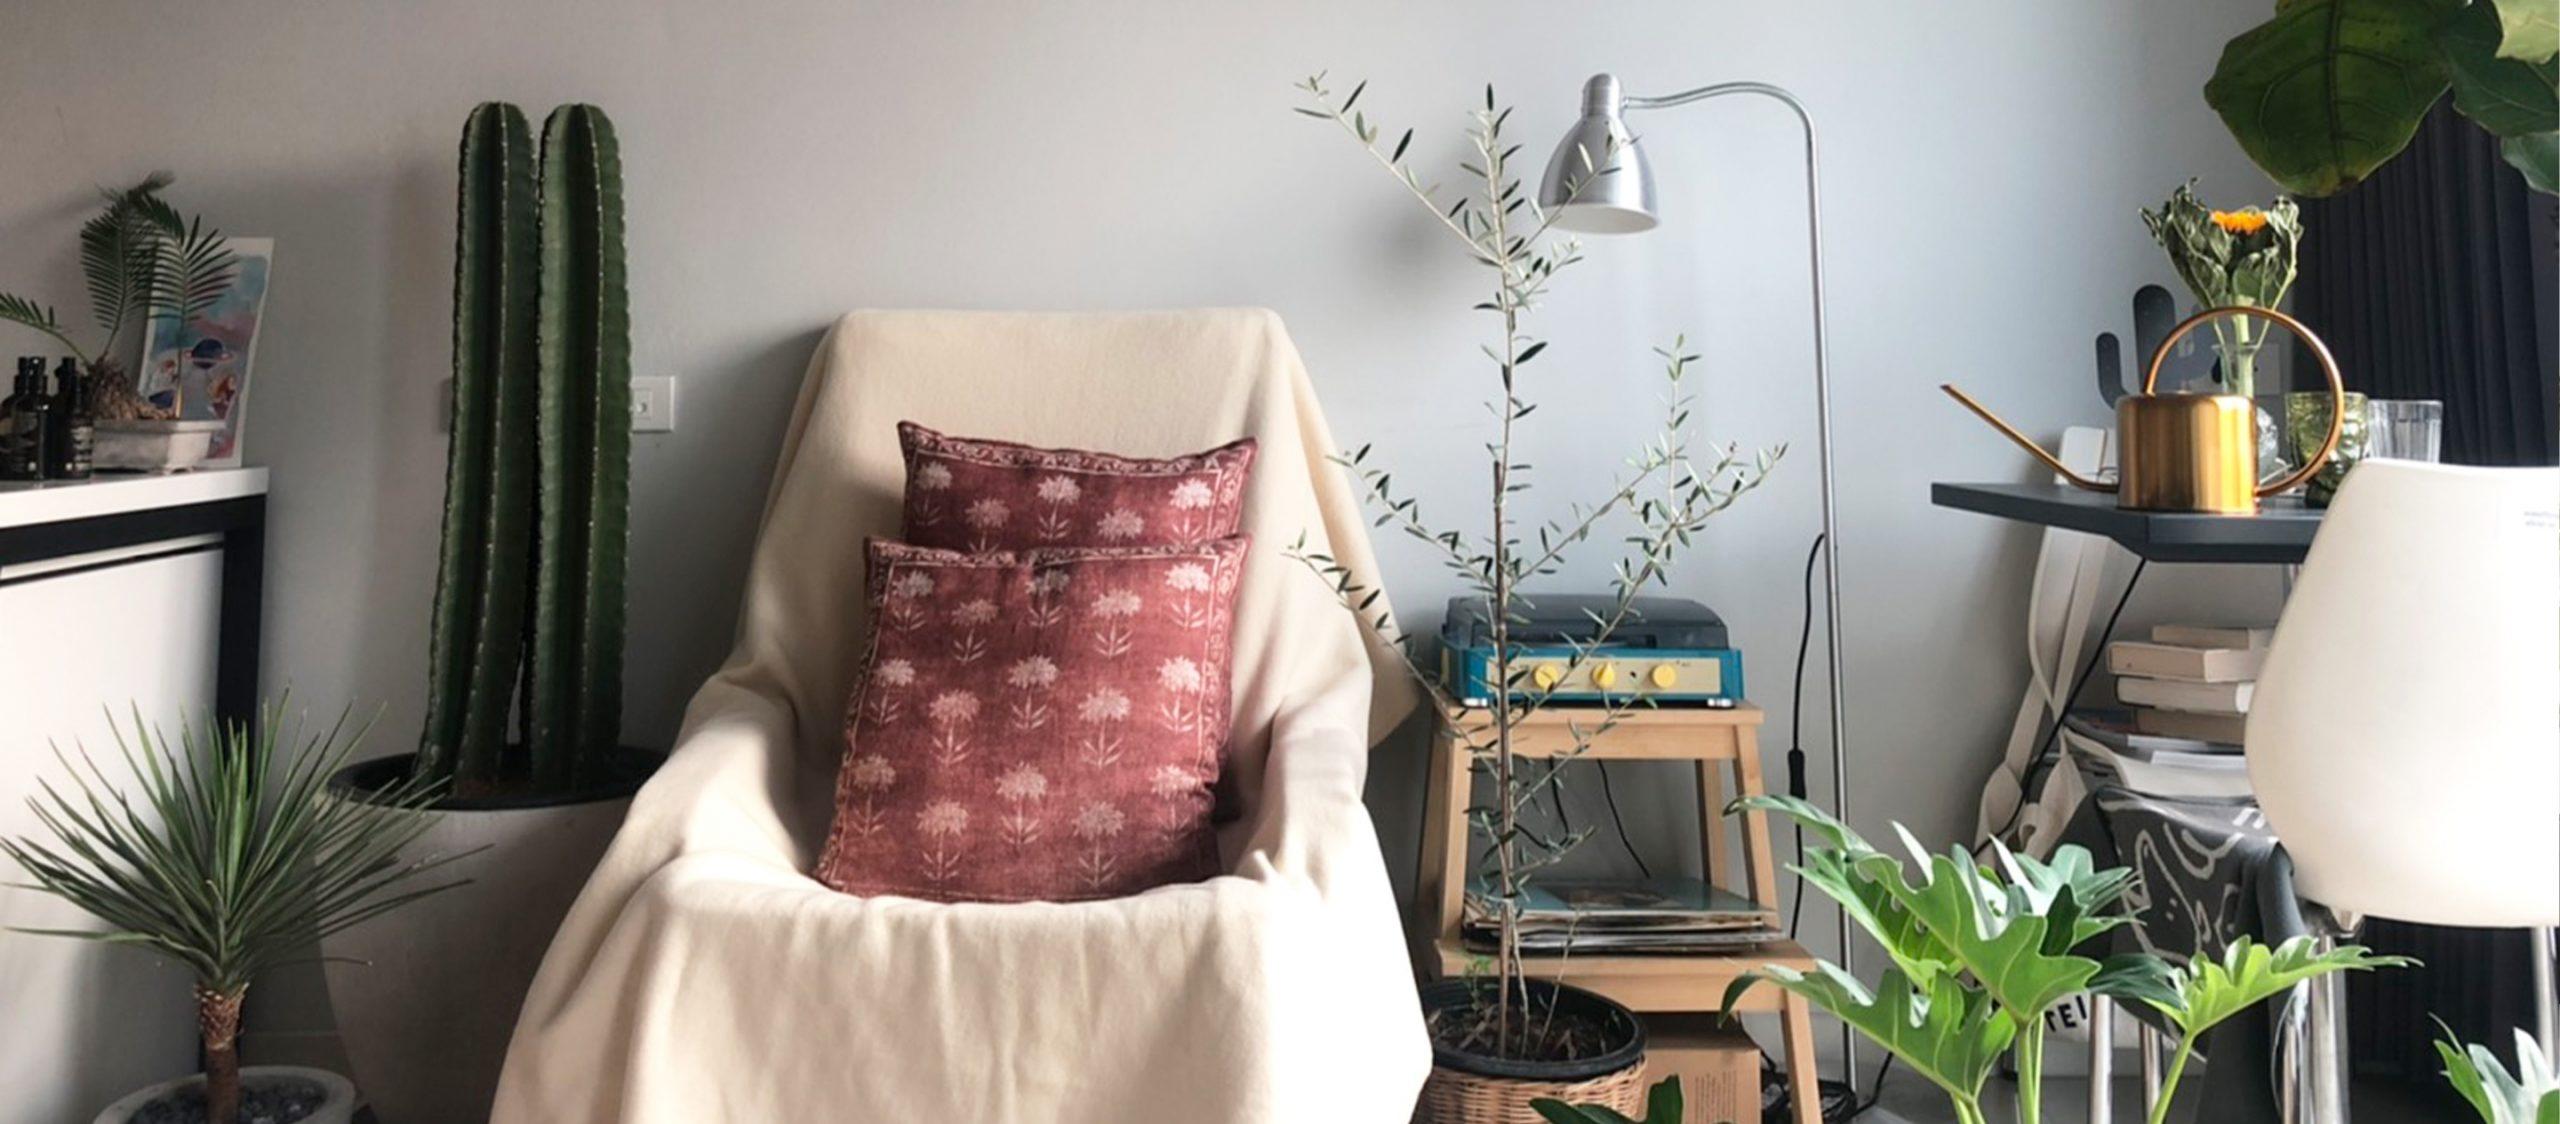 พืชที่อยู่ในบ้าน : ว่าด้วยประวัติศาสตร์ฉบับย่อของการปลูกต้นไม้ในบ้านของมนุษย์